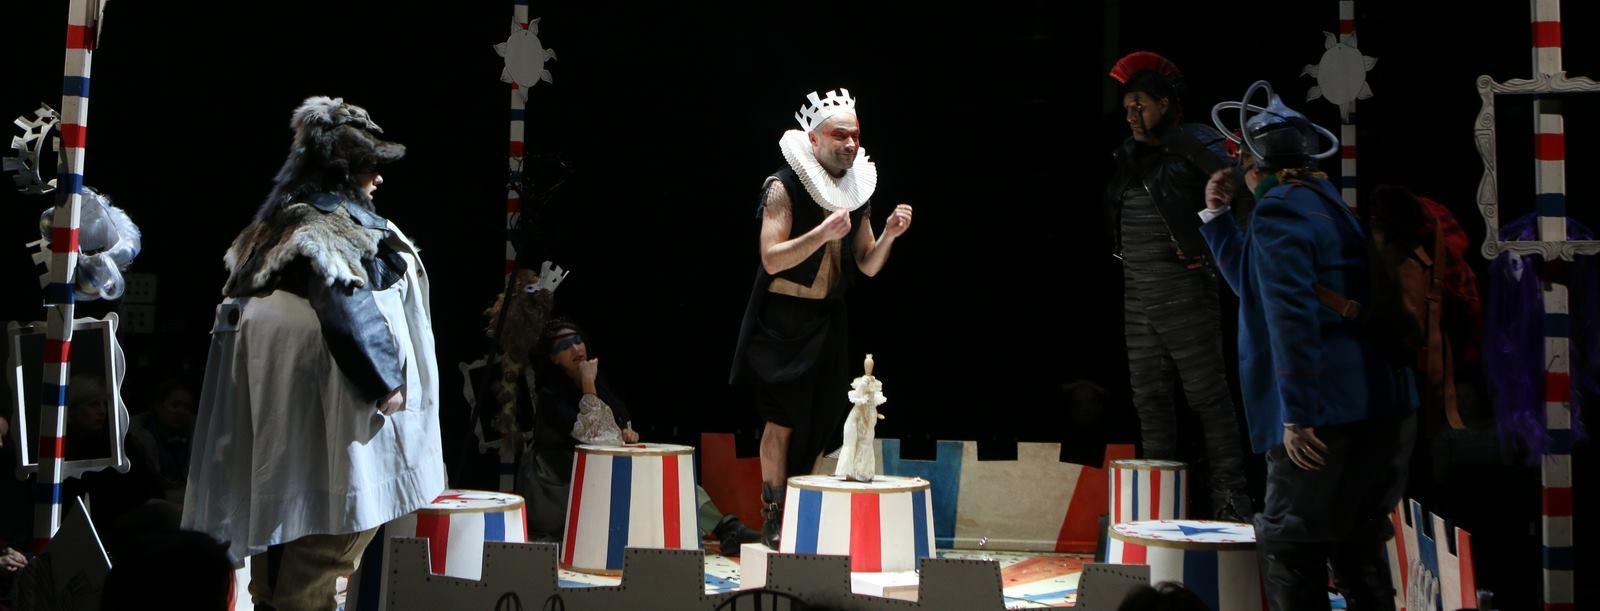 """Popularna predstava za djecu """"Dugonja, Trbonja, Vidonja"""" na Riječkim ljetnim noćima u ponedjeljak 4. srpnja"""